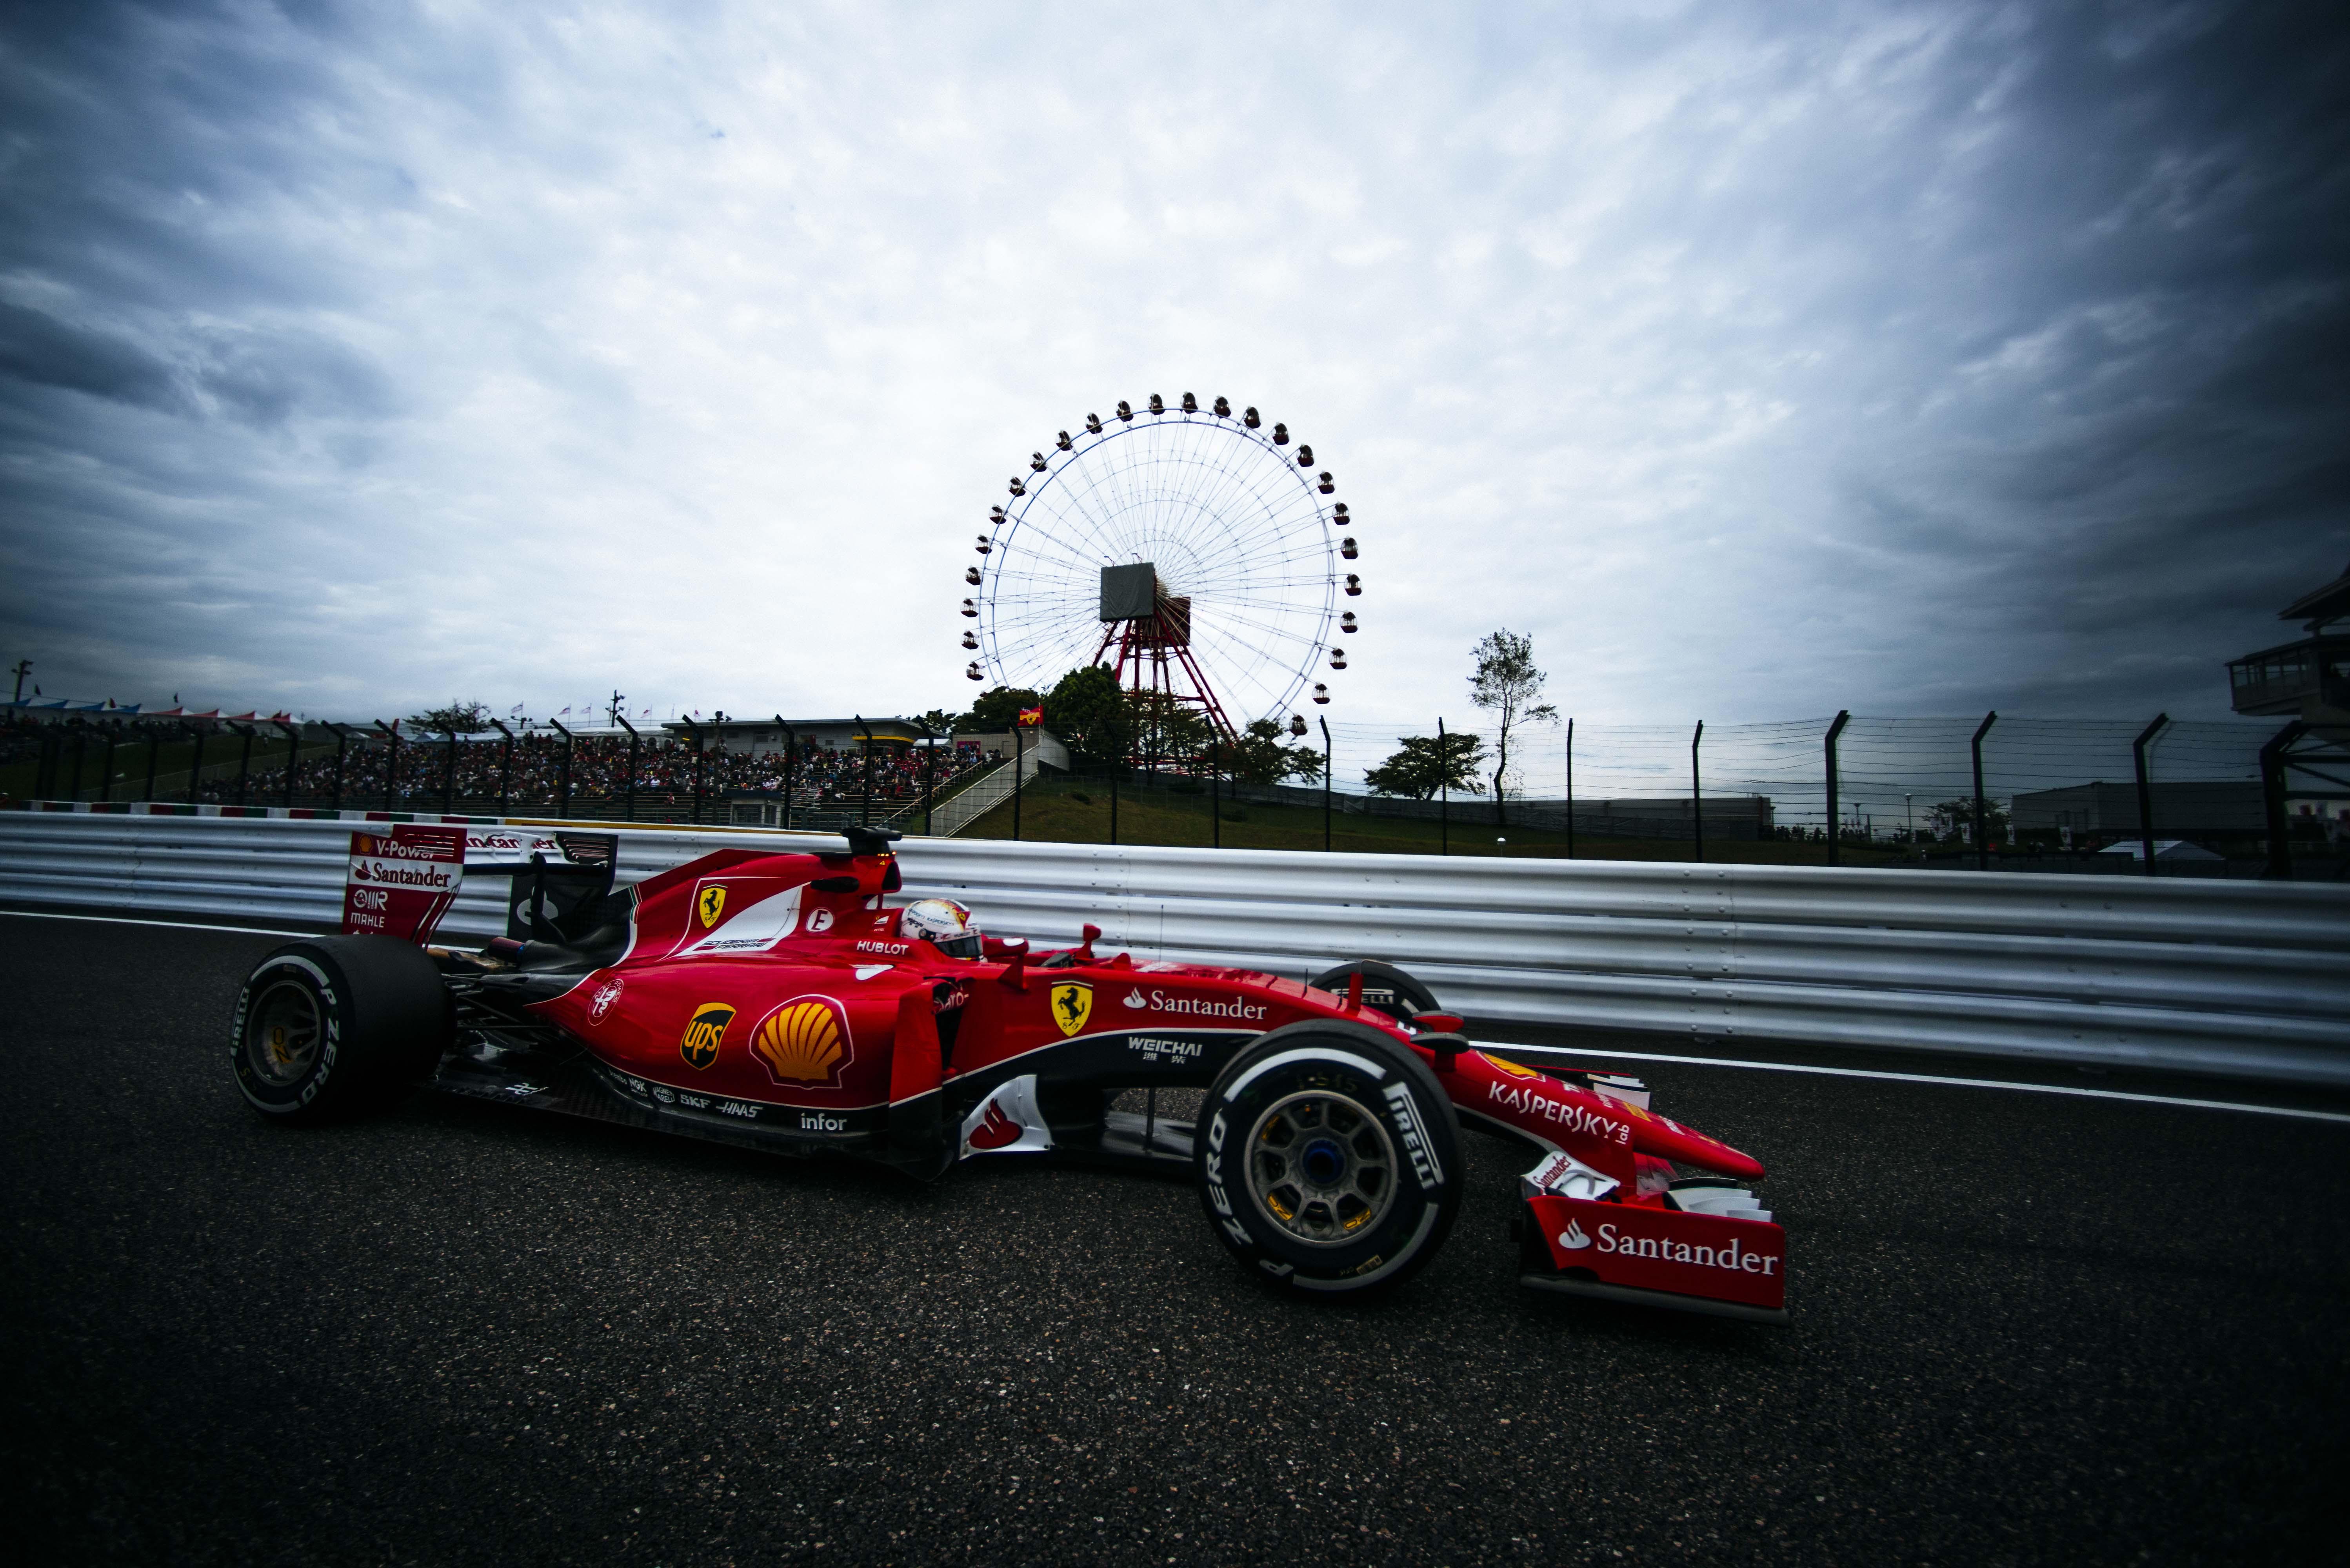 Giappone: seconda e terza fila per la Ferrari